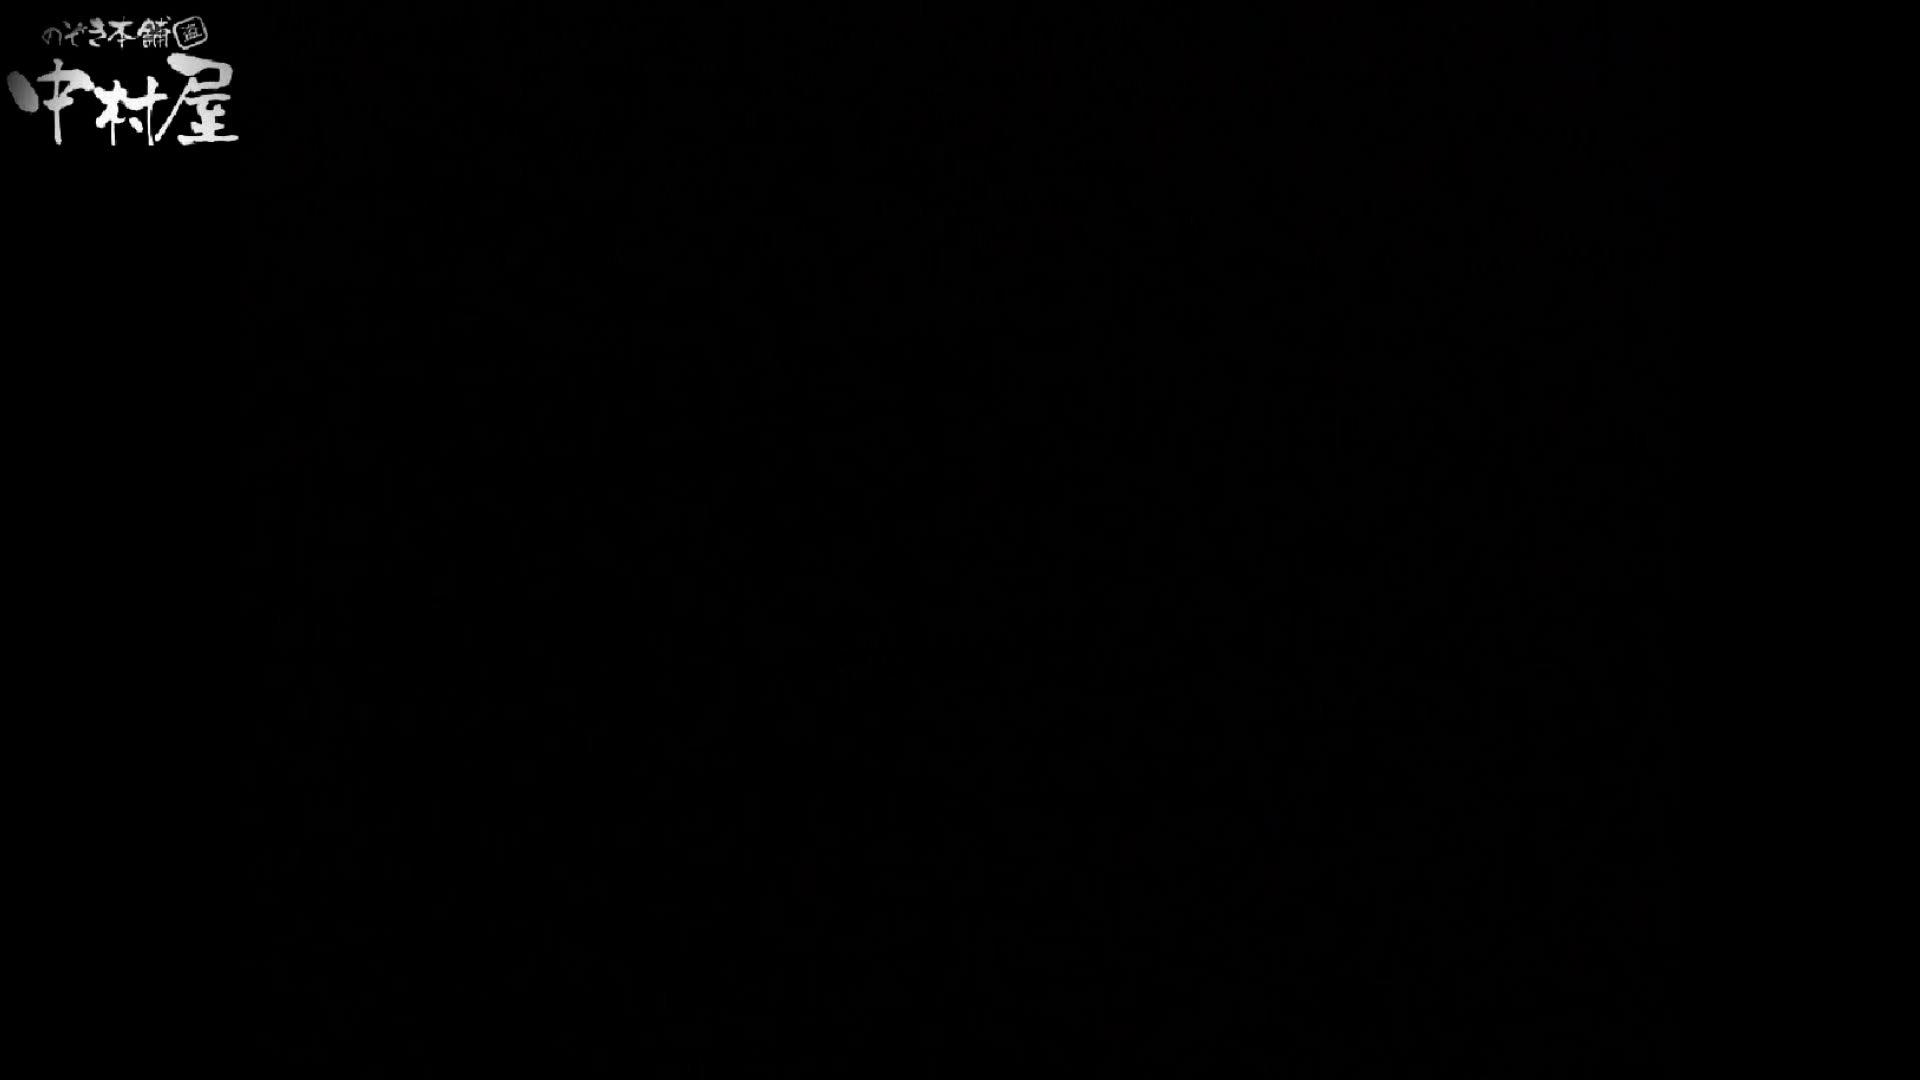 民家風呂専門盗撮師の超危険映像 vol.022 美少女ヌード   民家  63pic 17